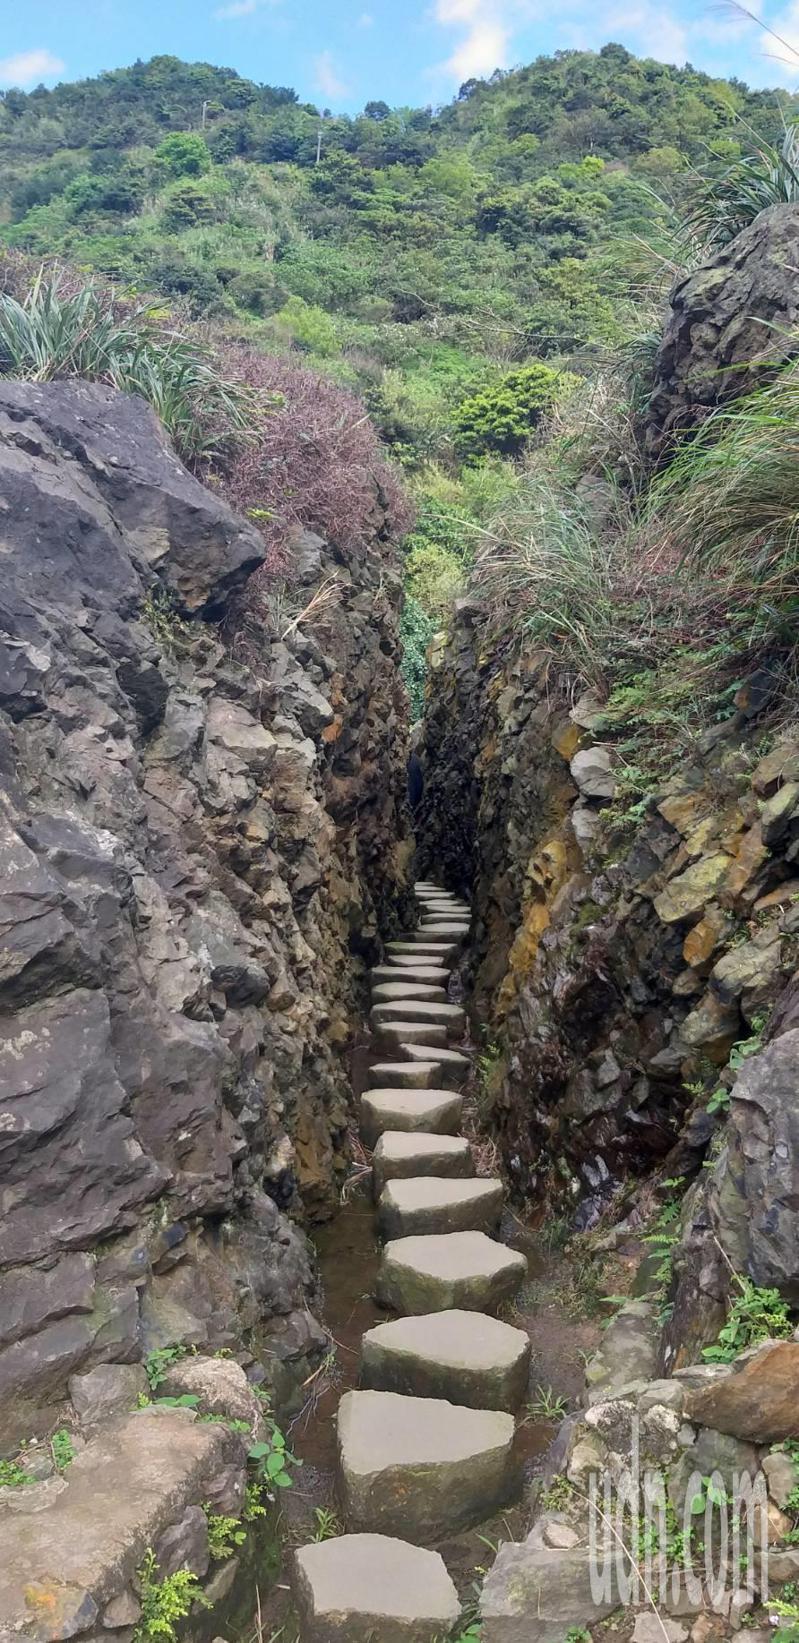 內九份溪圳橋有段鑿開巨石形成的水路,因為勉強才能錯身通過,被戲稱為金瓜石「摸乳巷 」。記者邱瑞杰/攝影